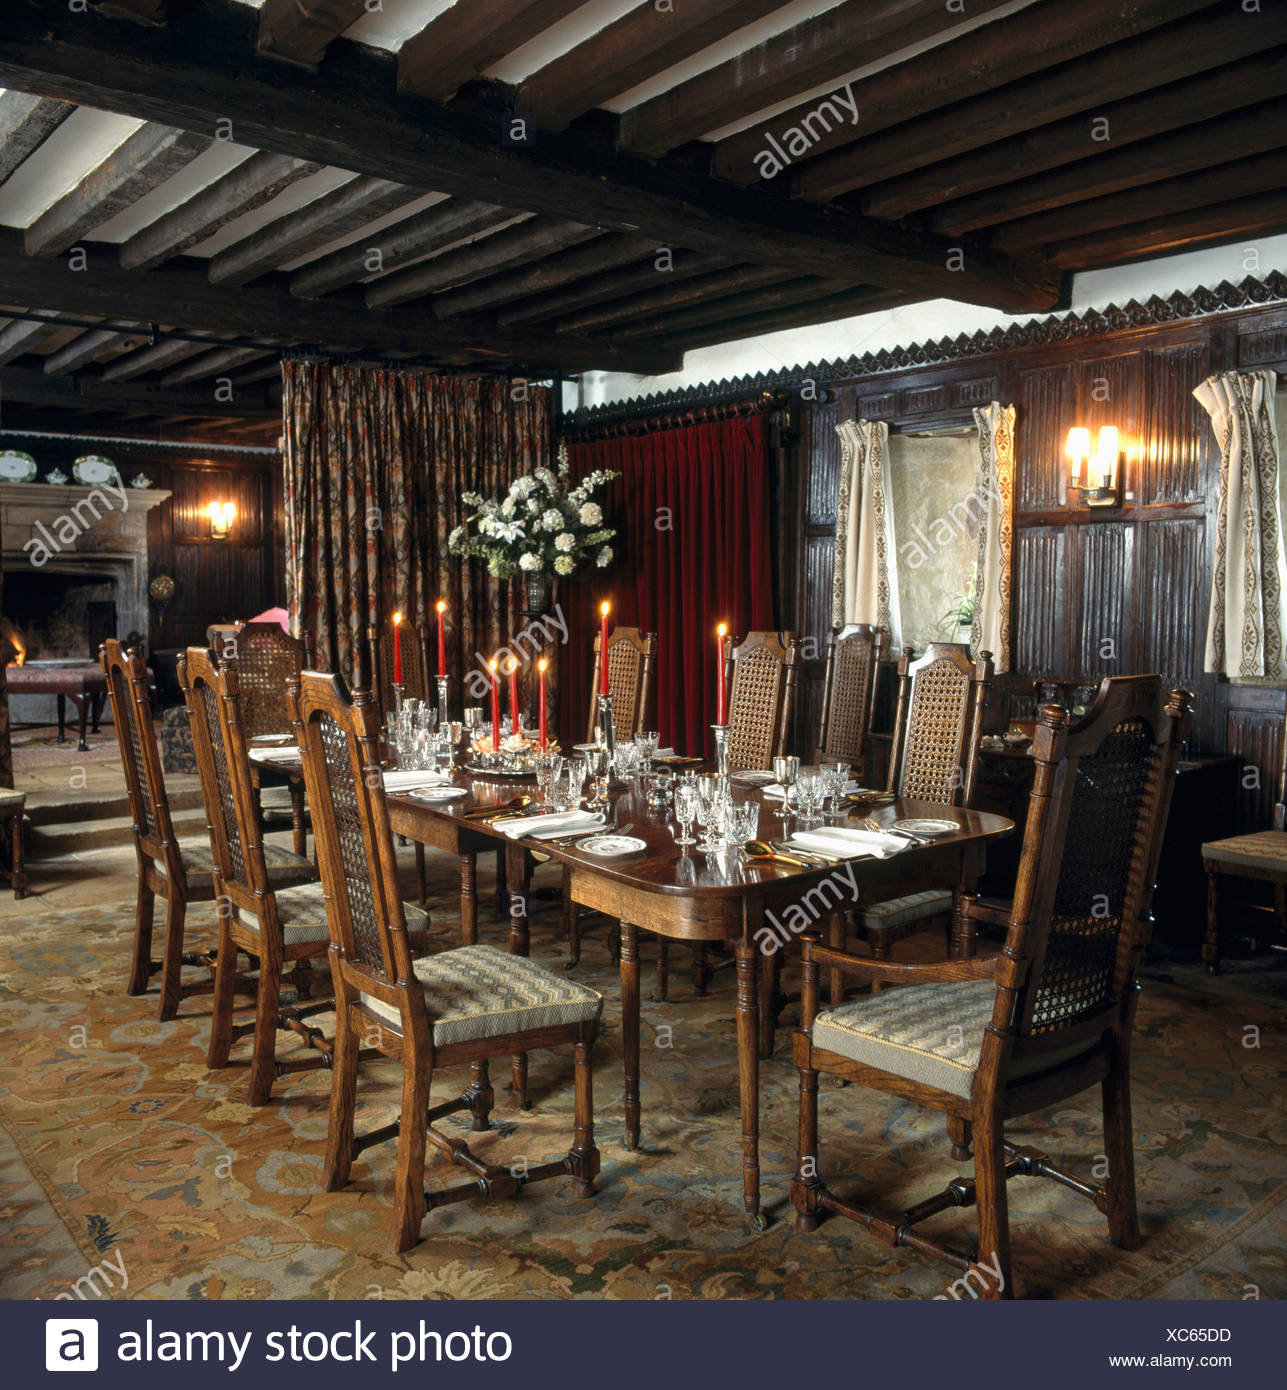 Rote Kerzen am Tisch im Land Speisesaal mit Balkendecke und antike ...